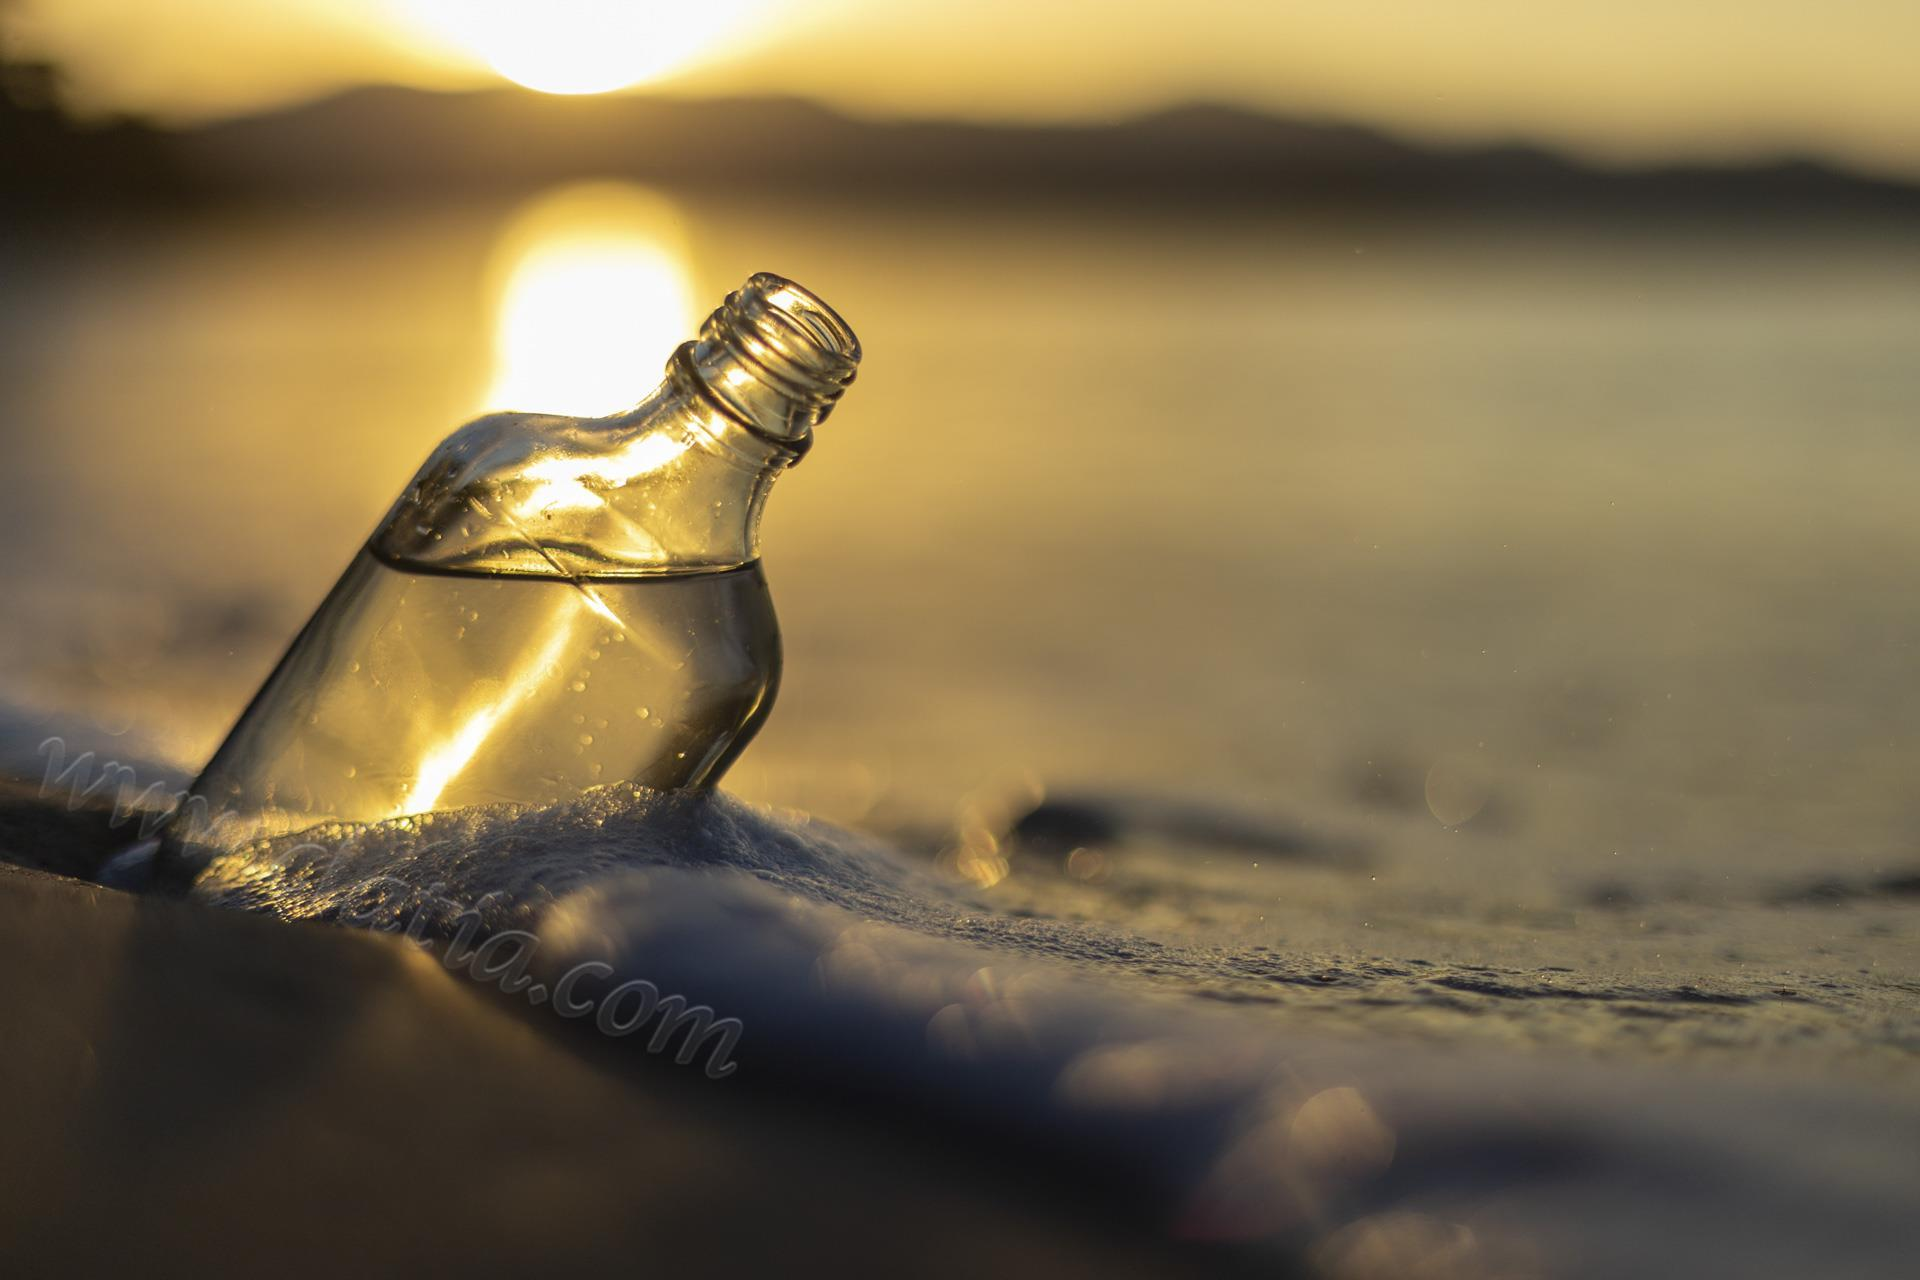 Sand bottle